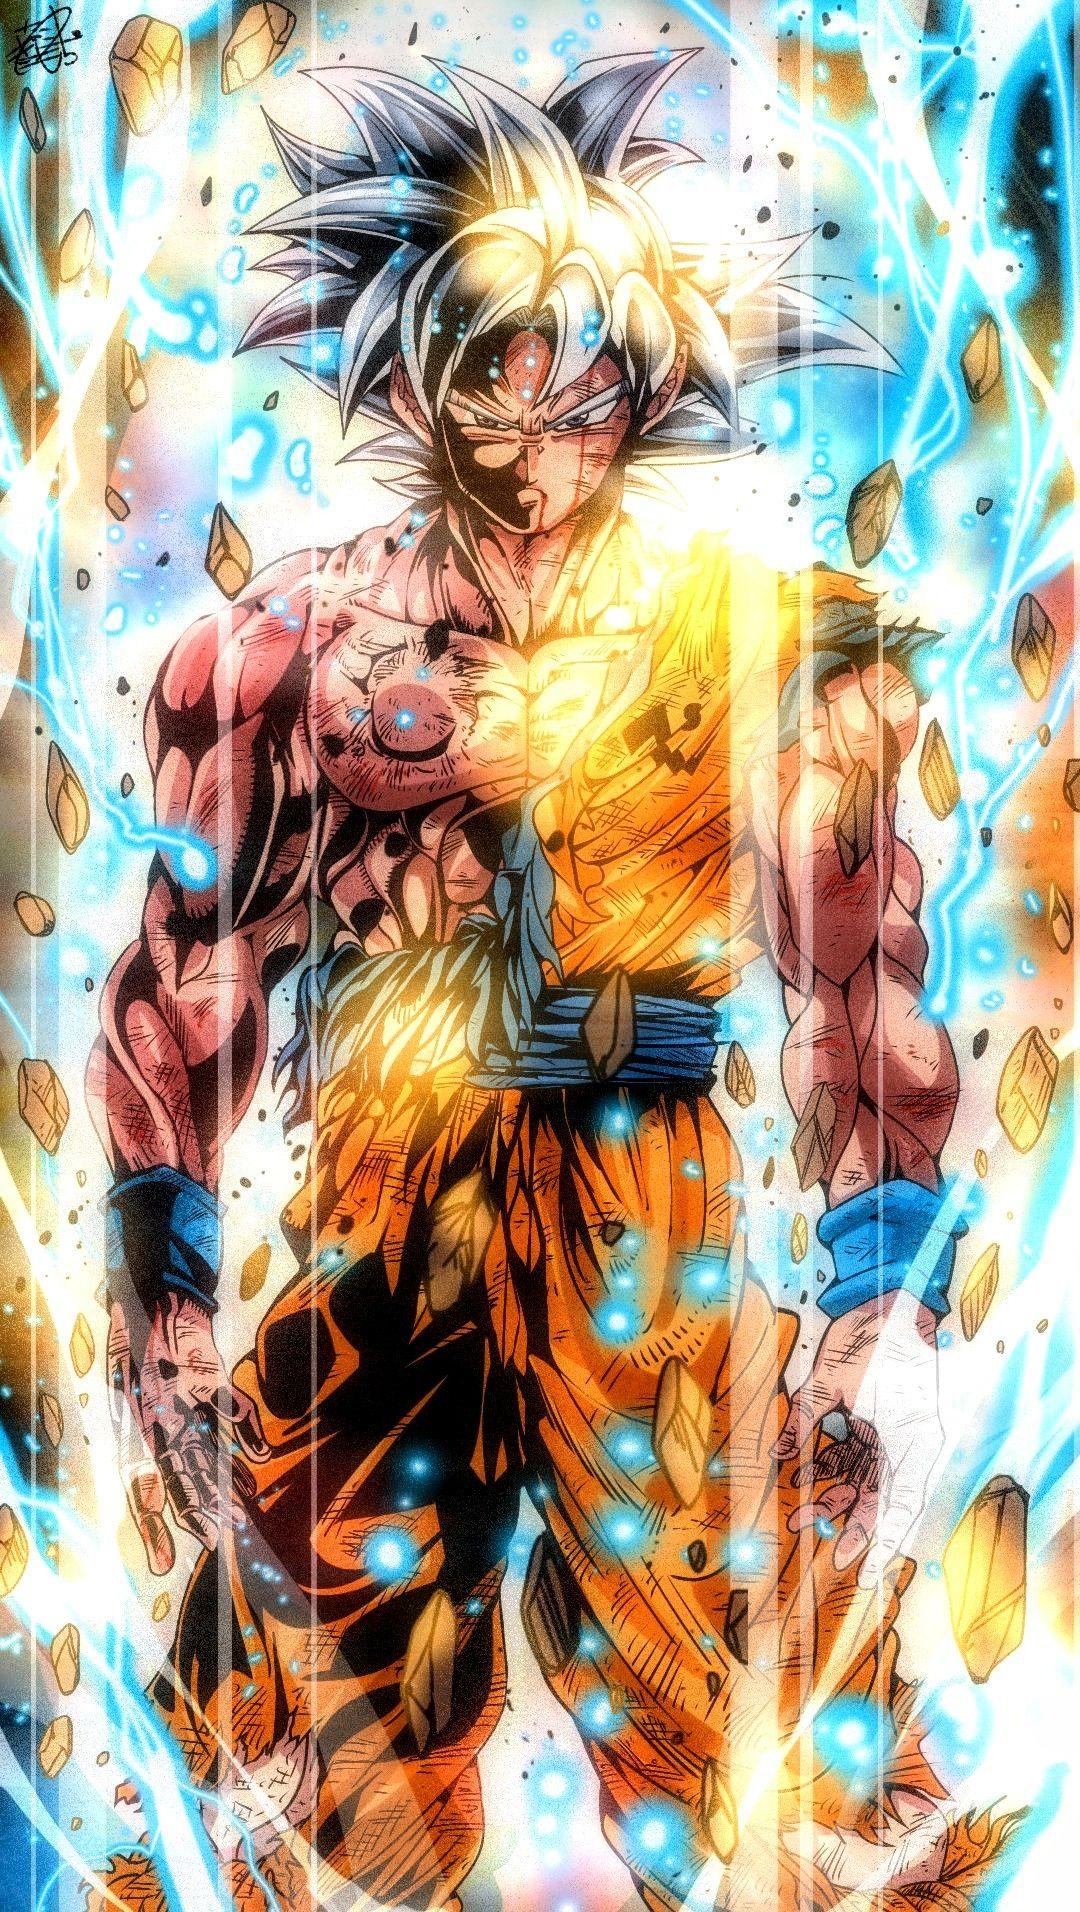 Goku Mui Dragon Ball Z Iphone Wallpaper Dragon Ball Super Artwork Anime Dragon Ball Super